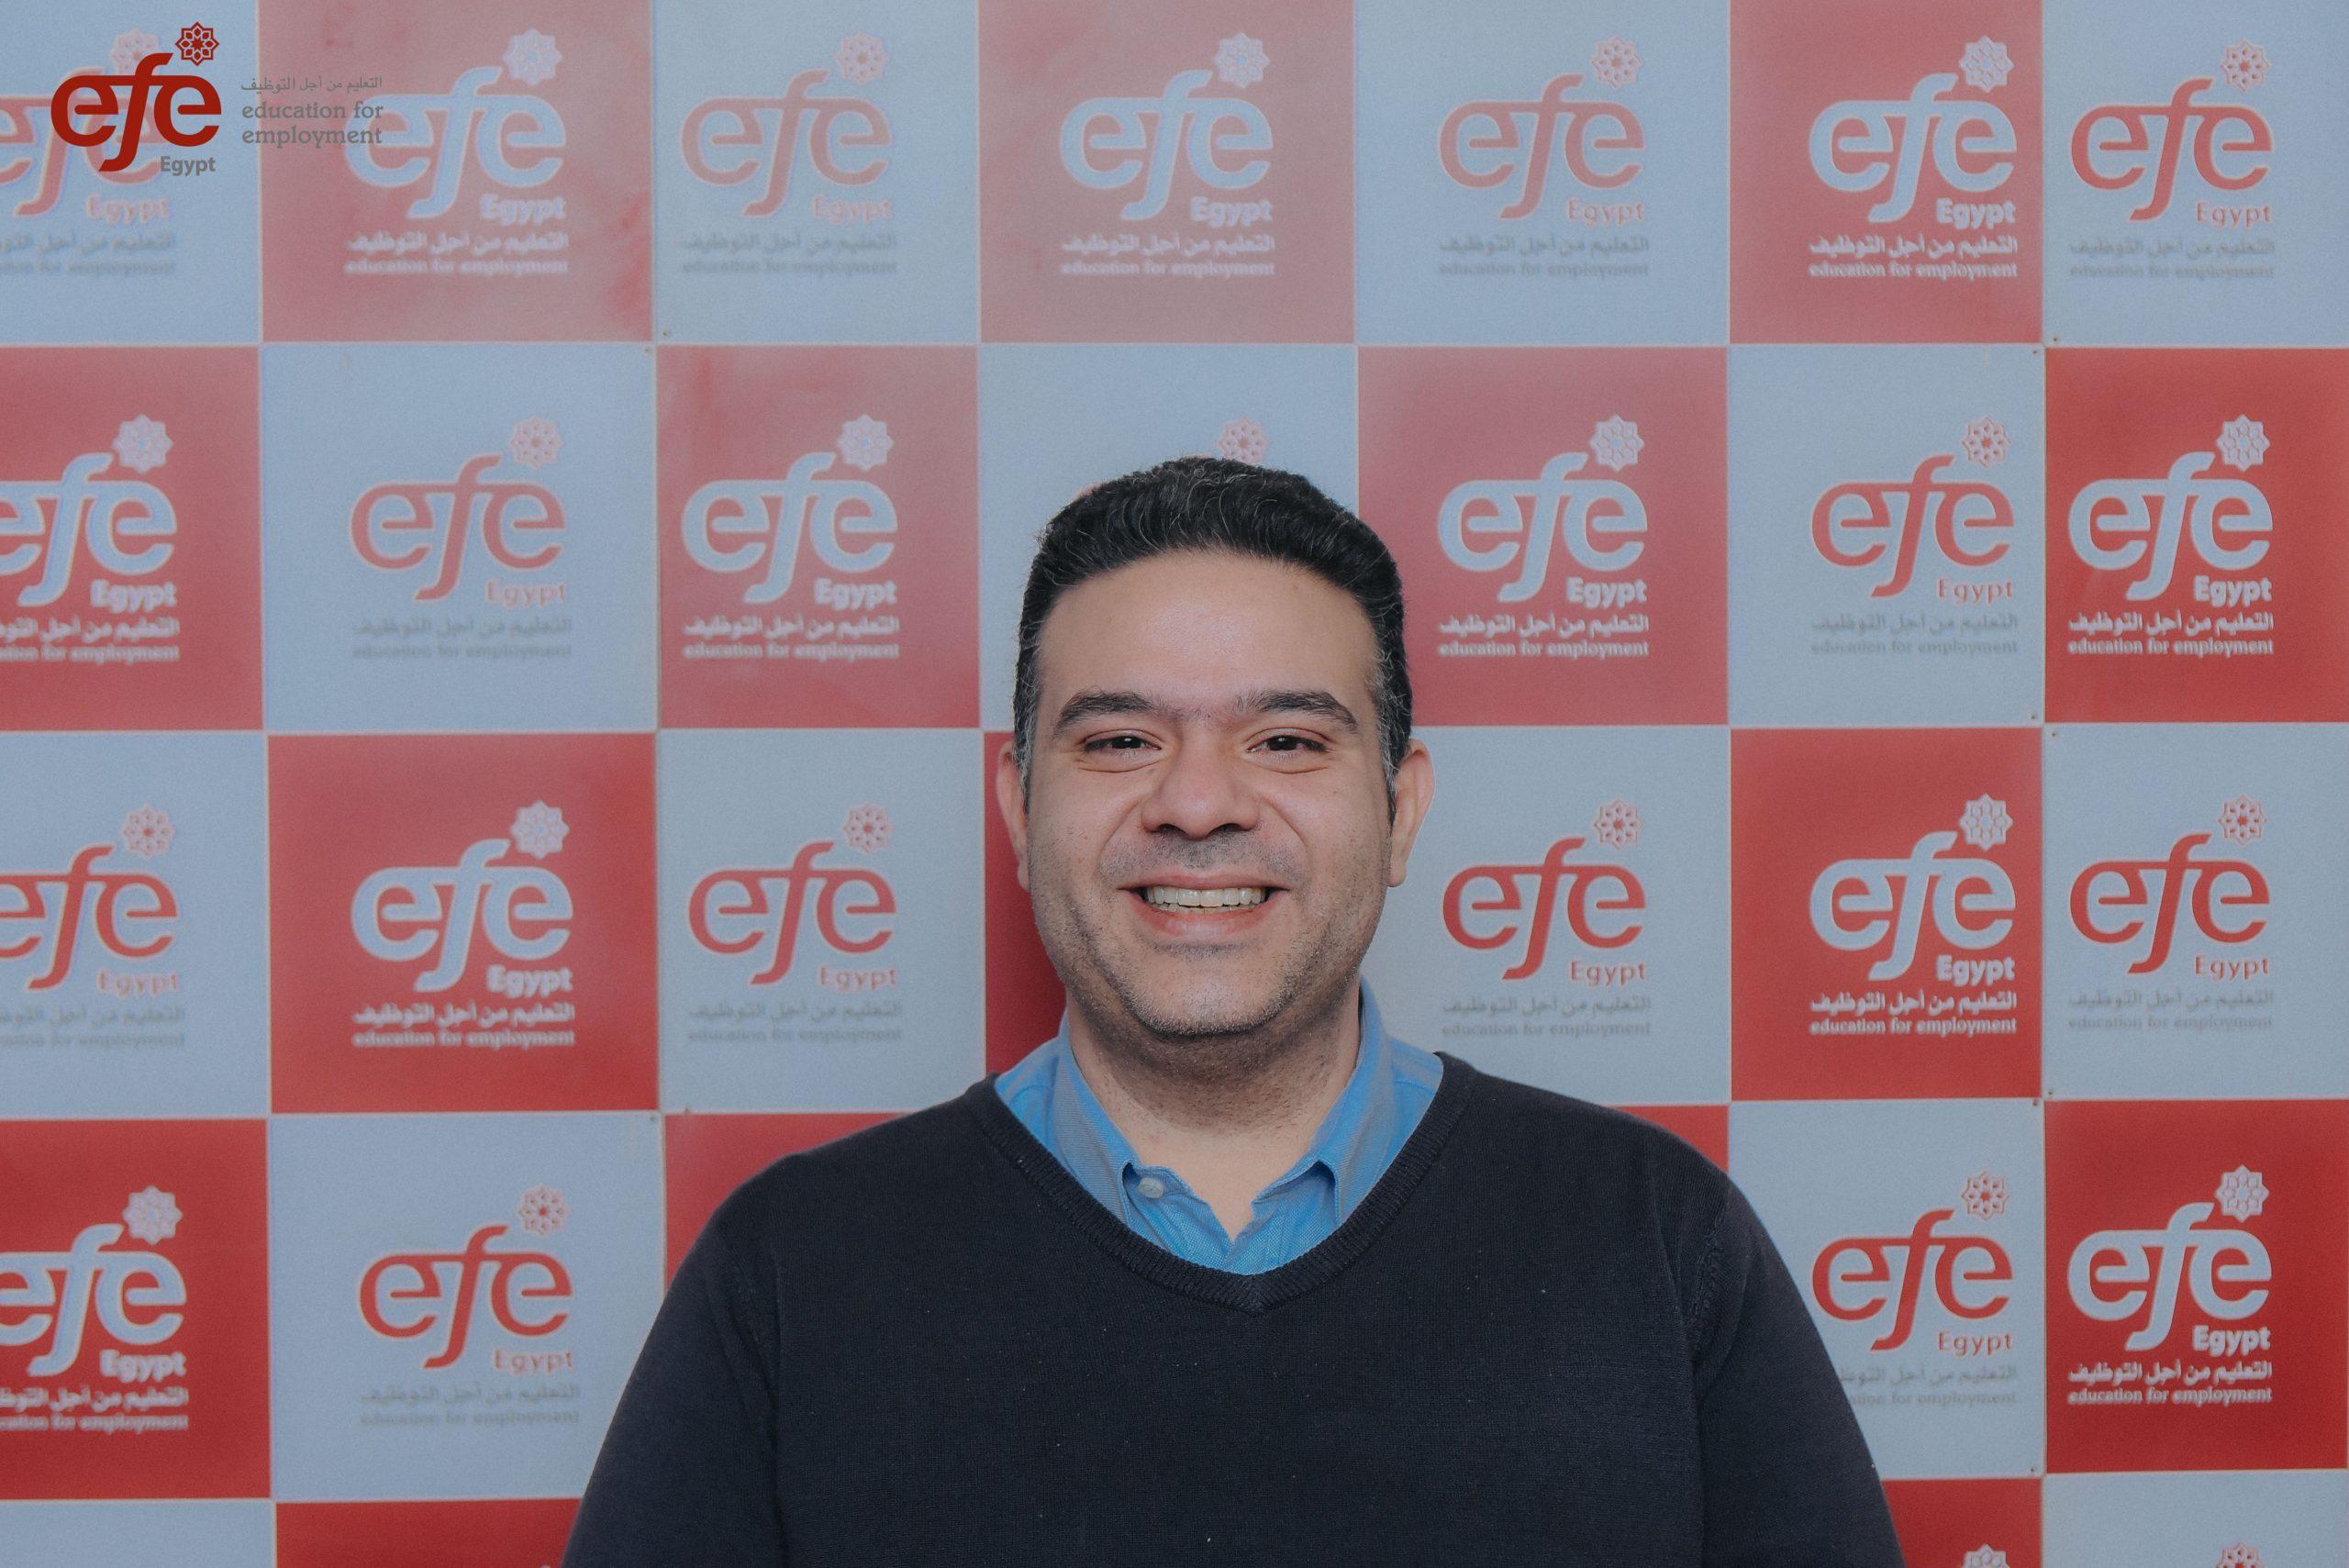 Mahmoud Nakhla